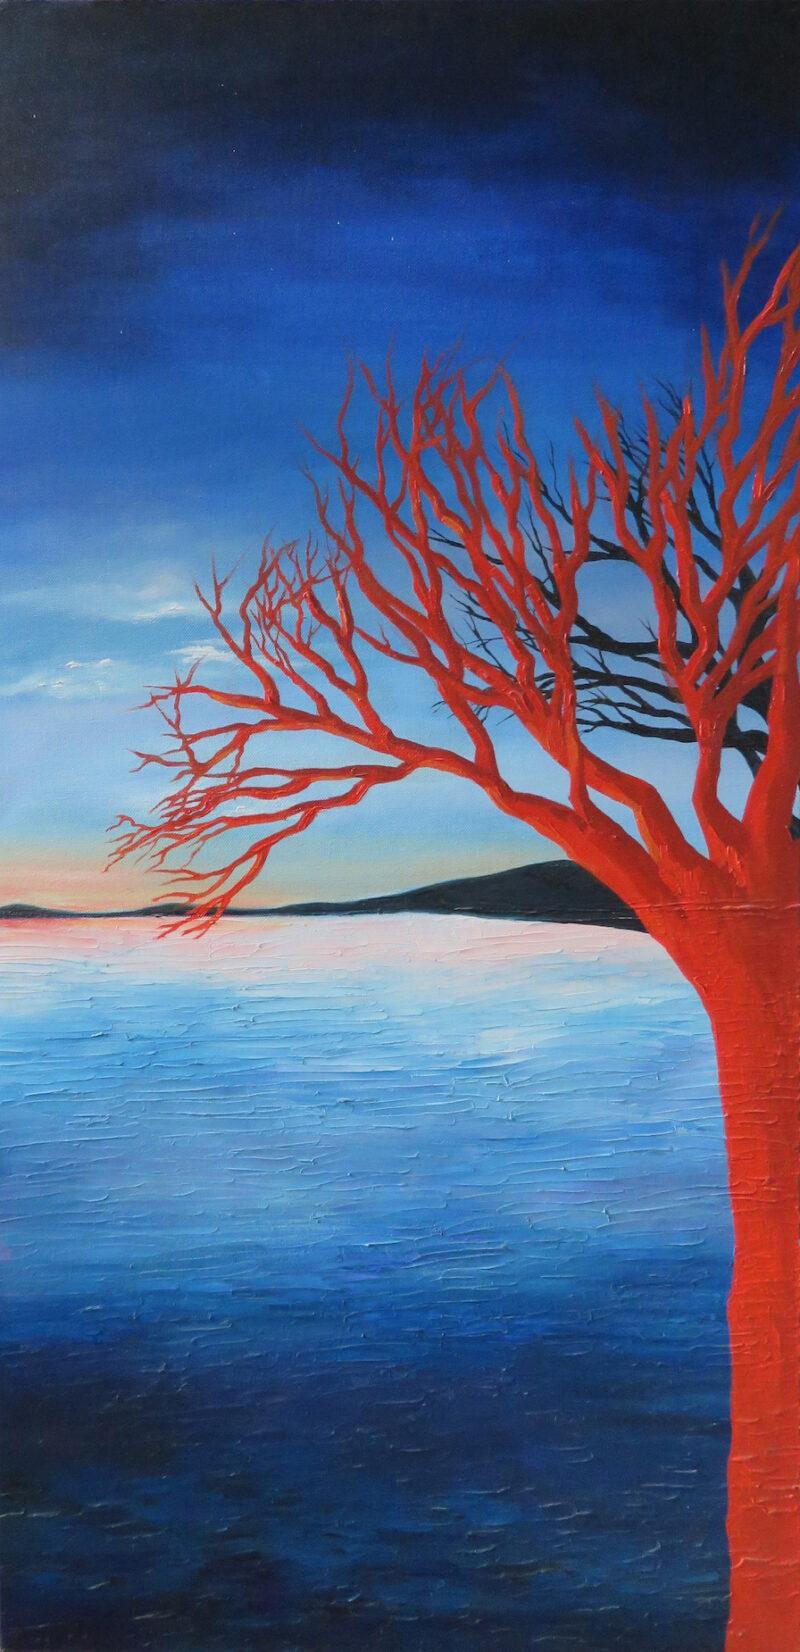 El árbol naranja